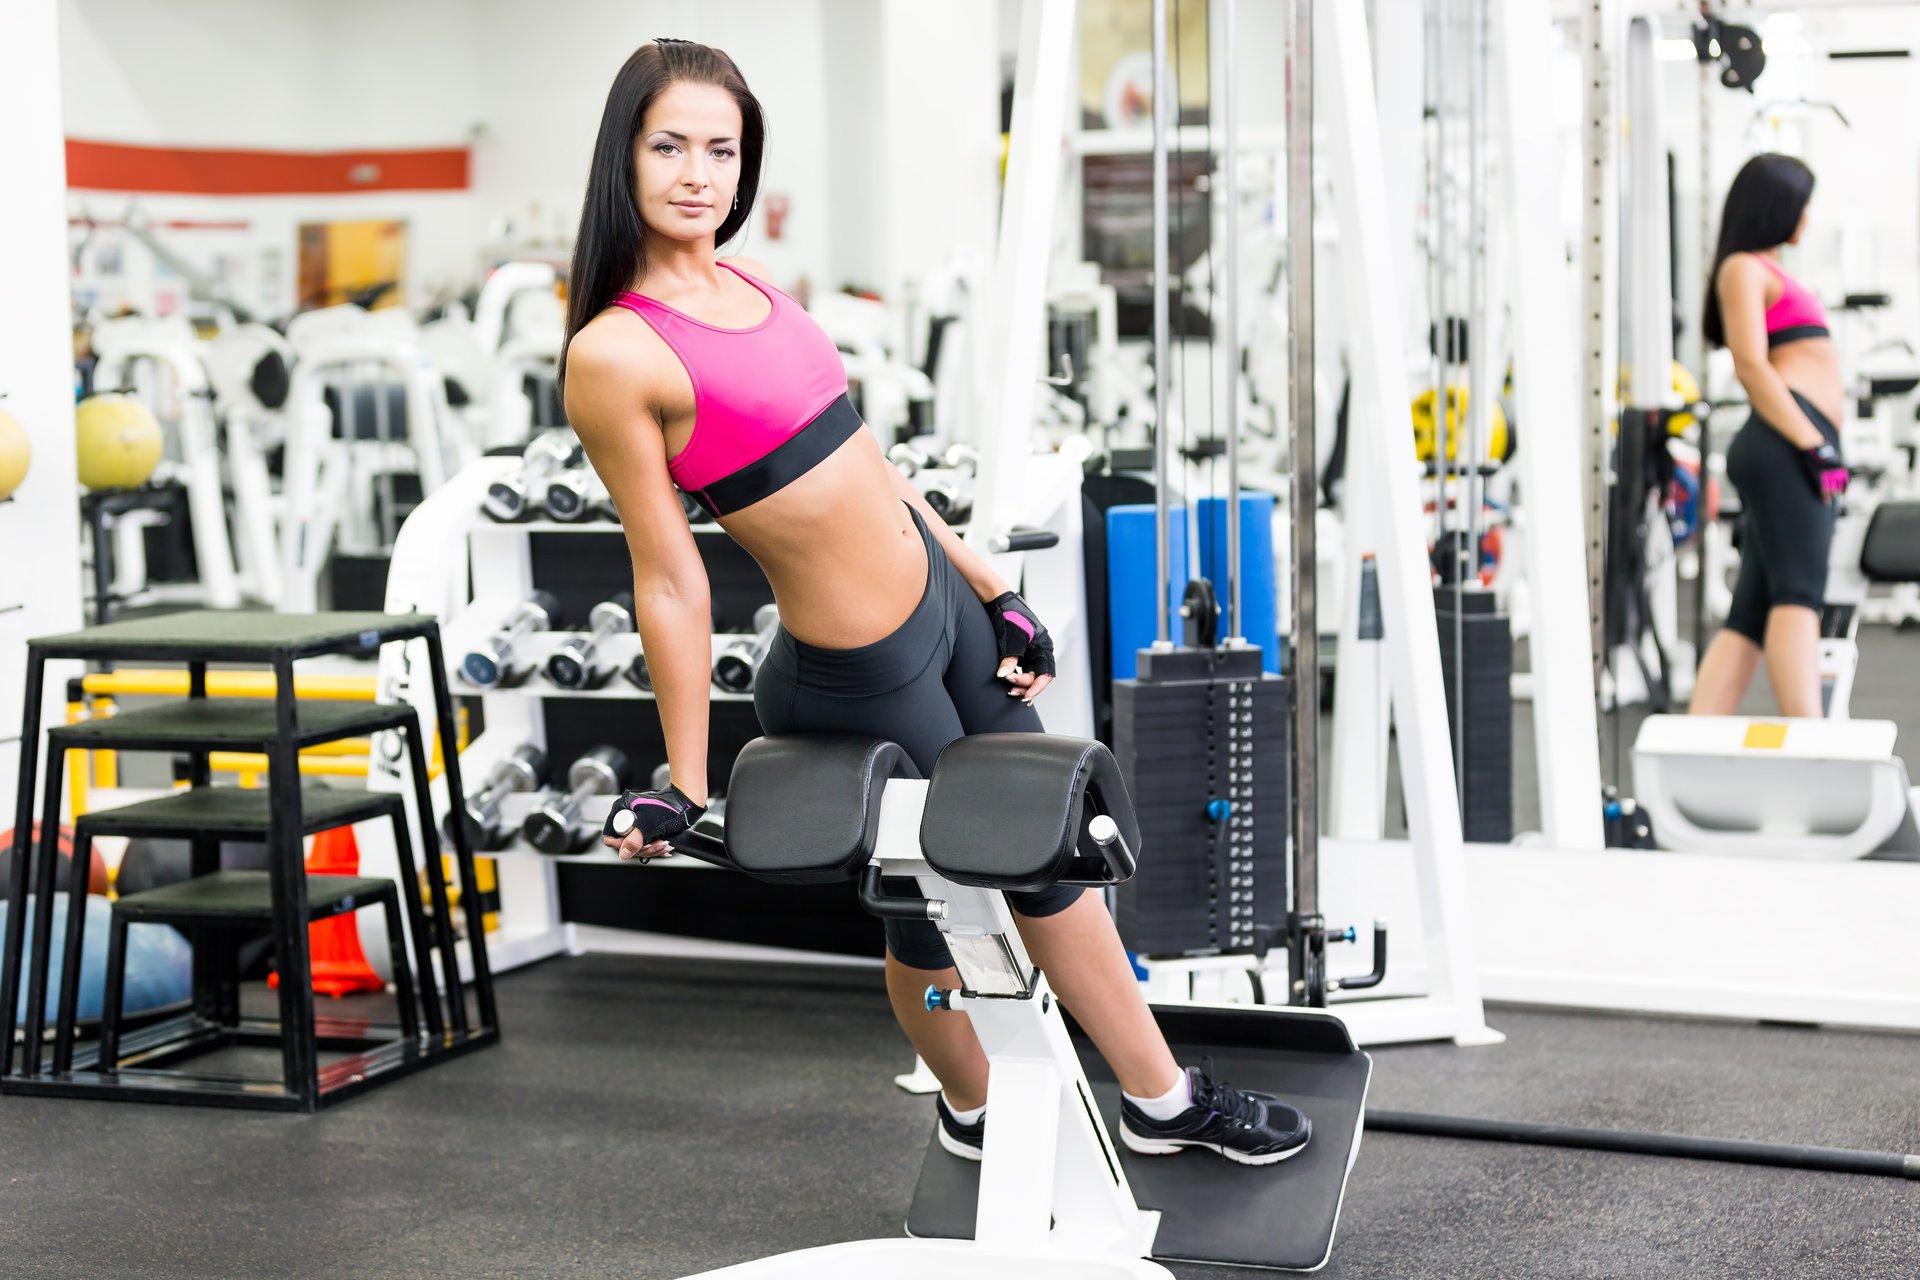 В Фитнес Клубе Тренажер Для Похудения. 11 популярных тренажеров для похудения, которые вы обязательно должны попробовать